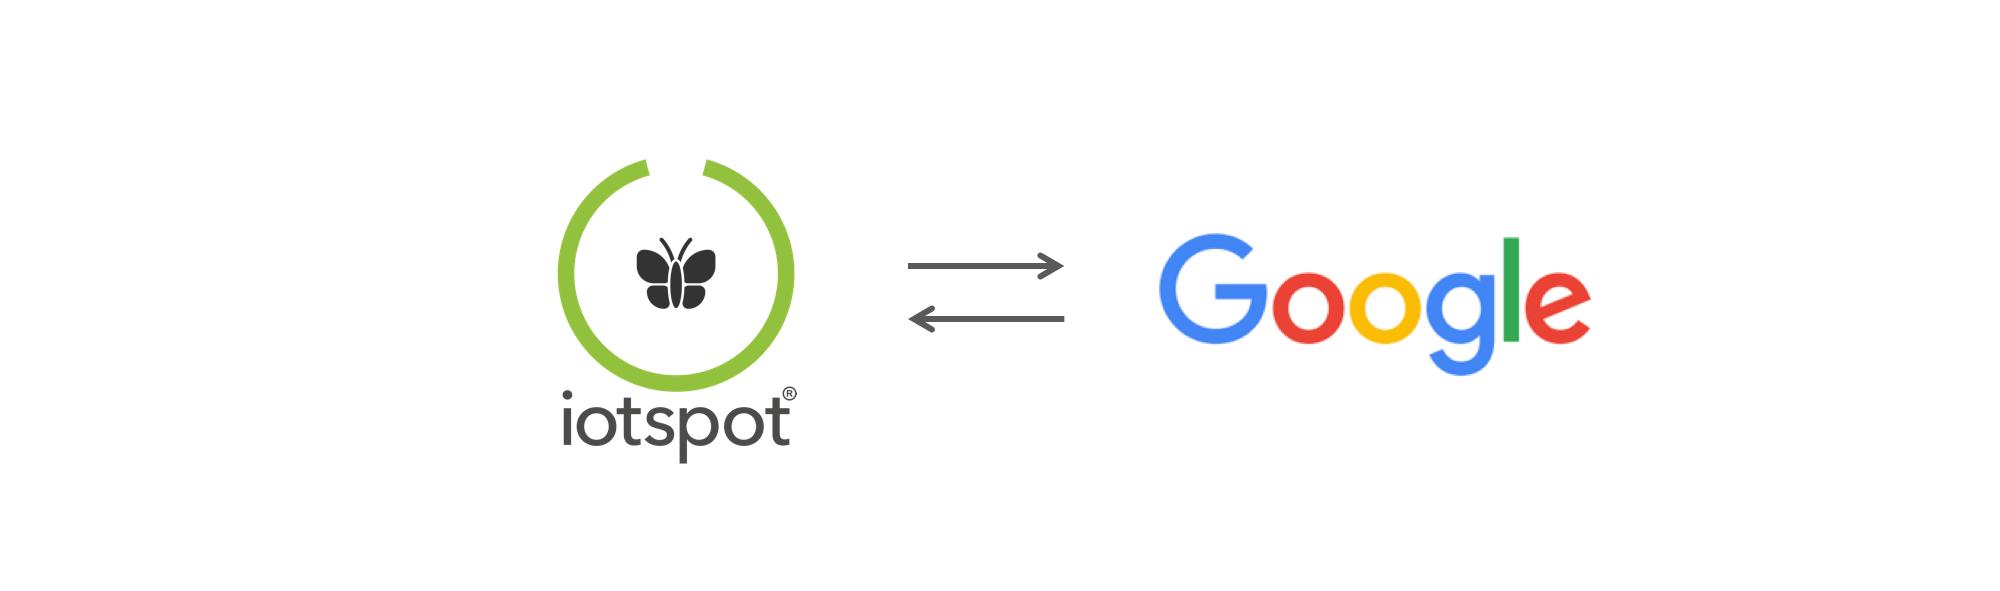 5. Integratie met Google Calendar - Het synchroniseren van kamerreserveringen tussen iotspot en de agenda-applicatie van Google for Work wordt mogelijk met deze feature.Jaarprijs:    £5.000,-per kantoorlocatie / Google for Work account.Configuratie:£5.000,- per Google for Work account.